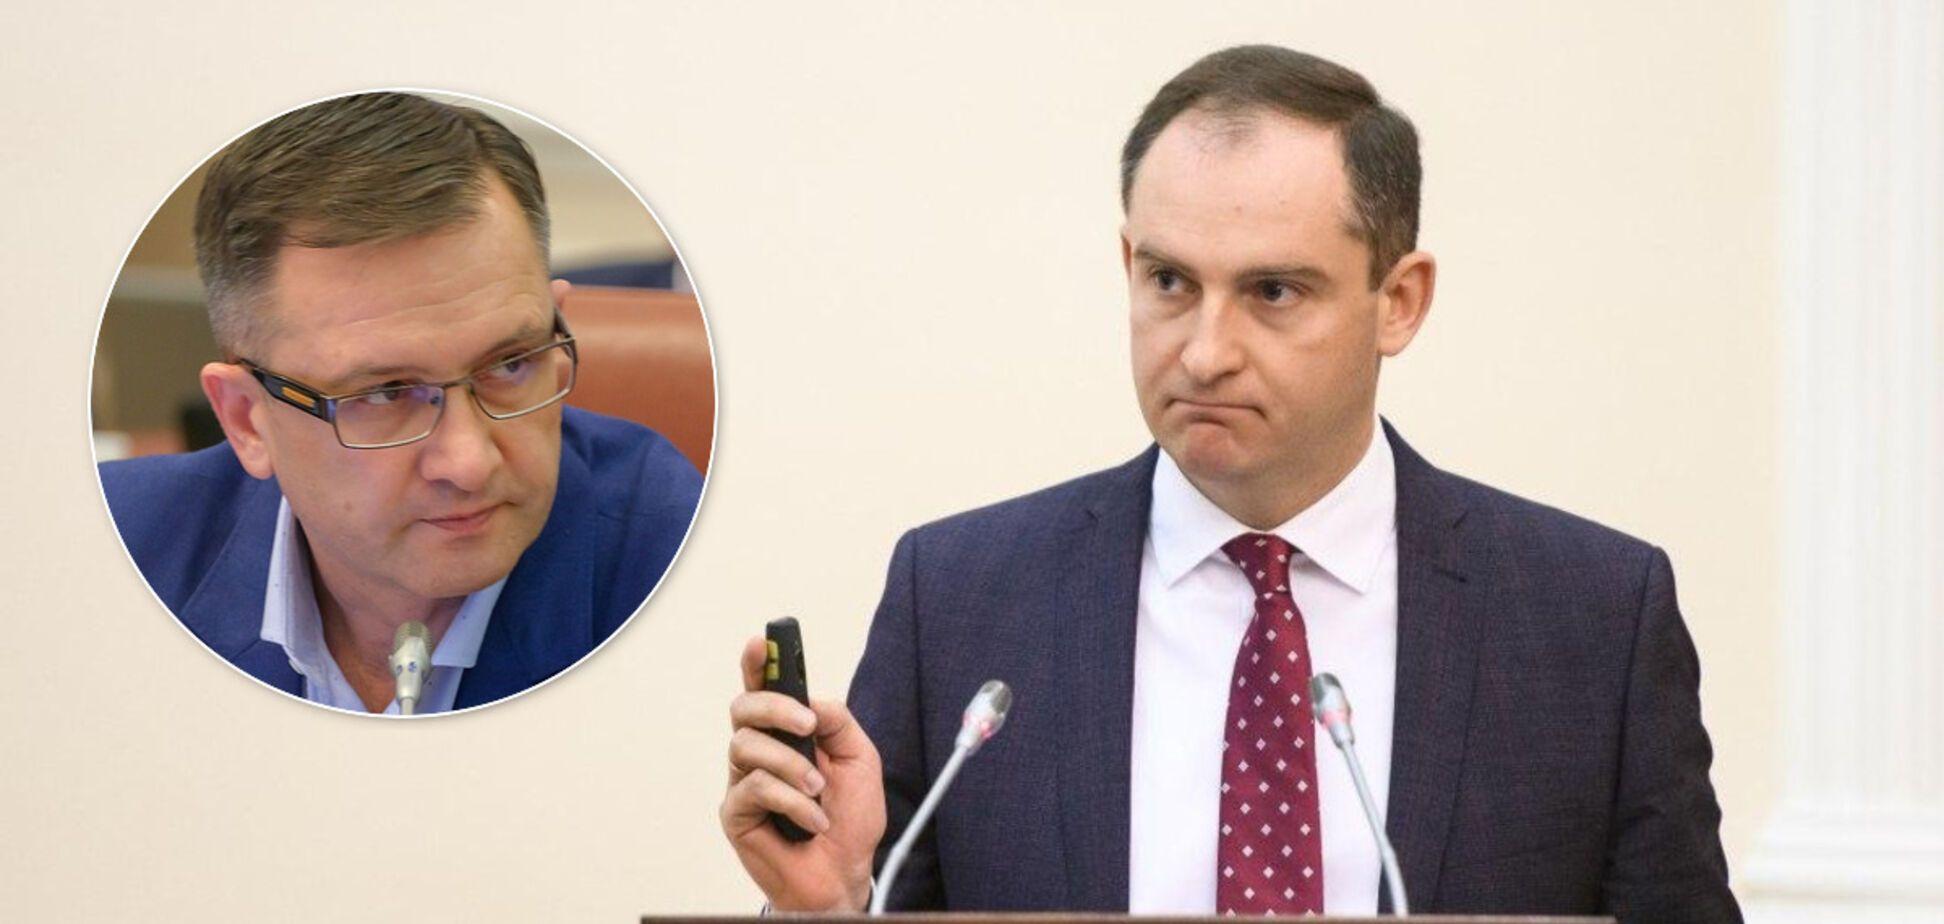 'Фактов никаких нет': экс-глава ГФС Верланов обратился в прокуратуру из-за обвинений Уманского